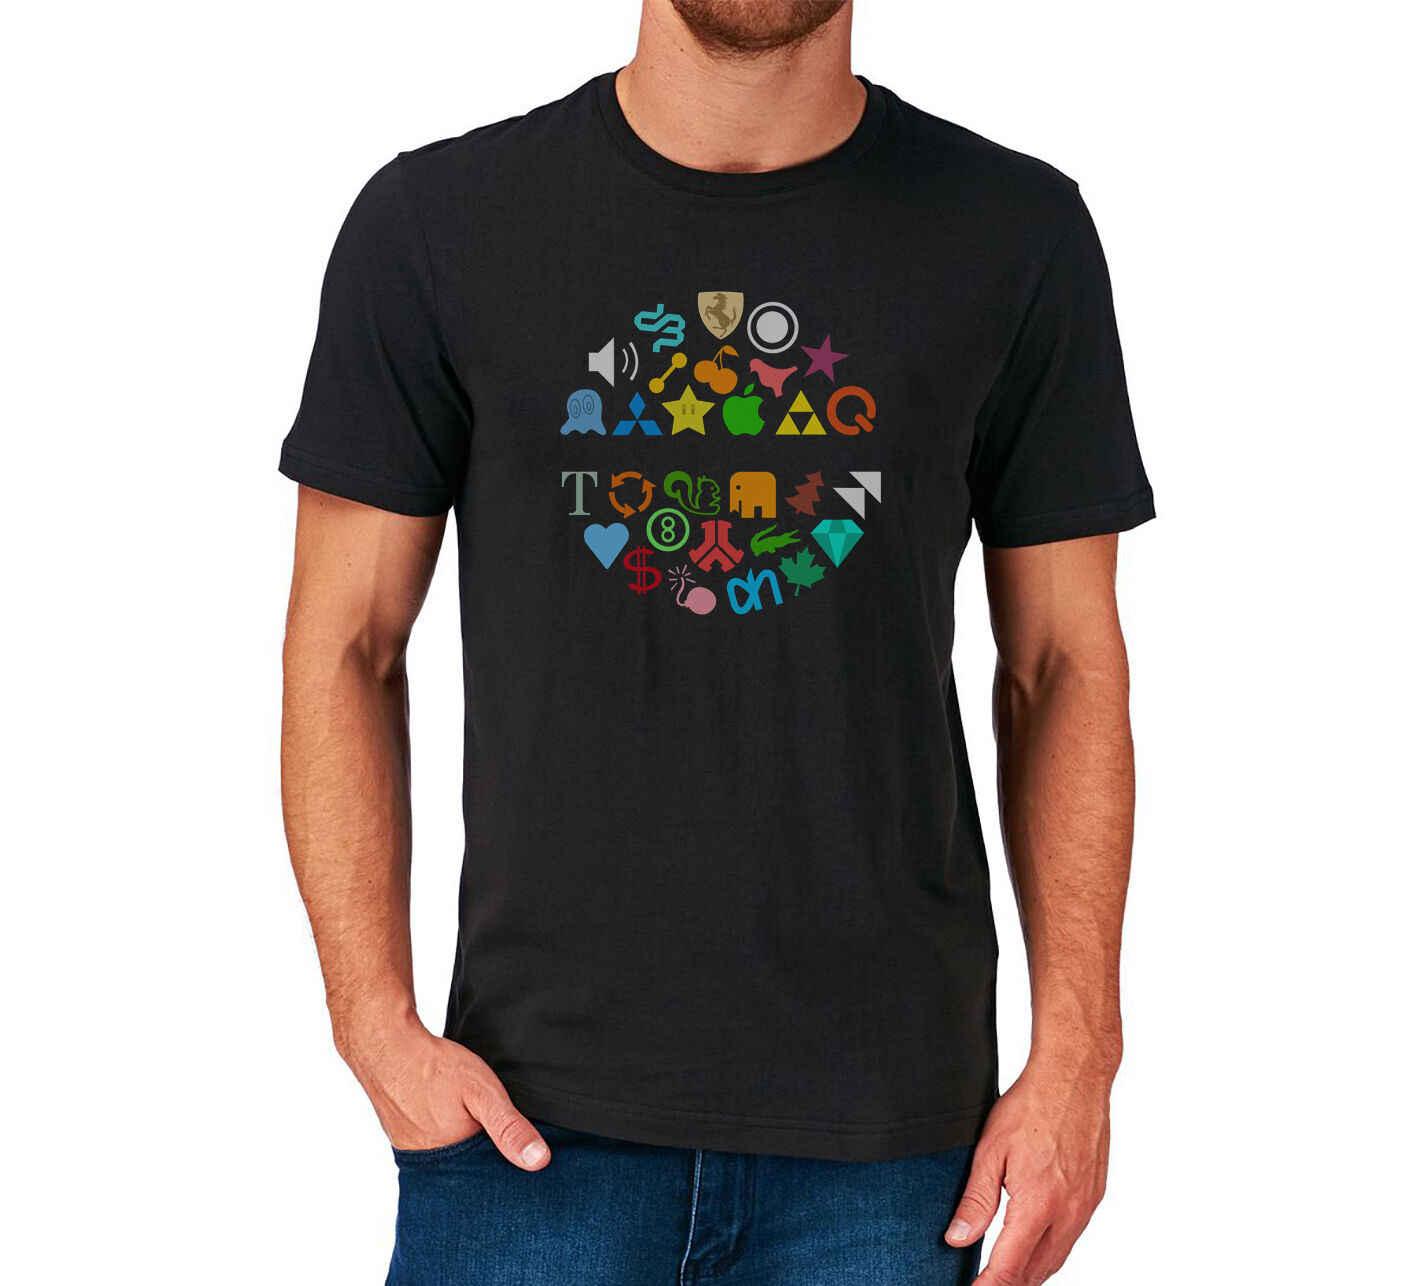 XTC Tシャツトップ DJ 音楽デッキビニール高サイケデリック LSD エクスタシー酸家絶賛